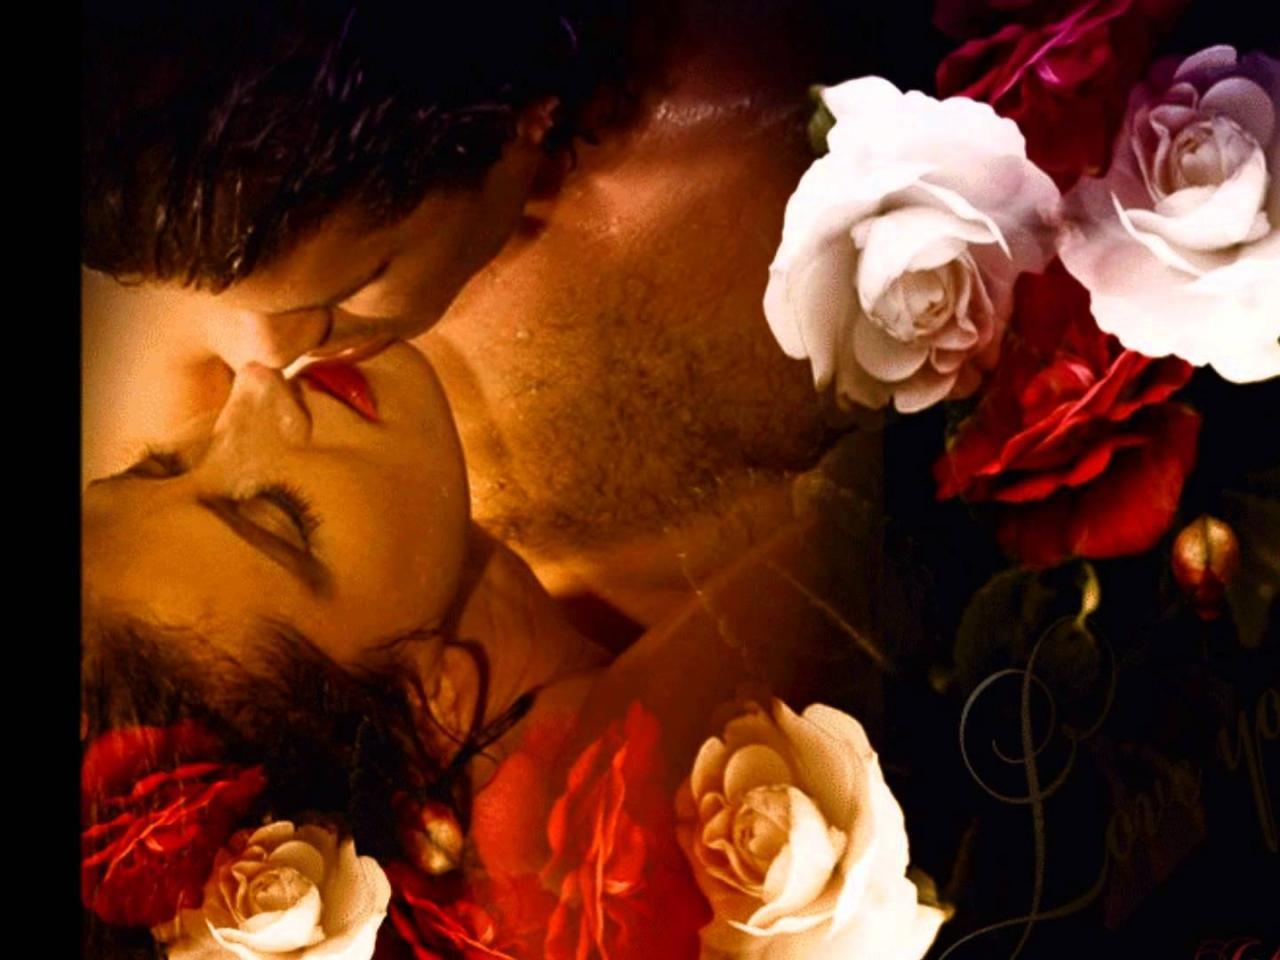 Виды поцелуев - Всё о поцелуях - Сайт о Поцелуе 34